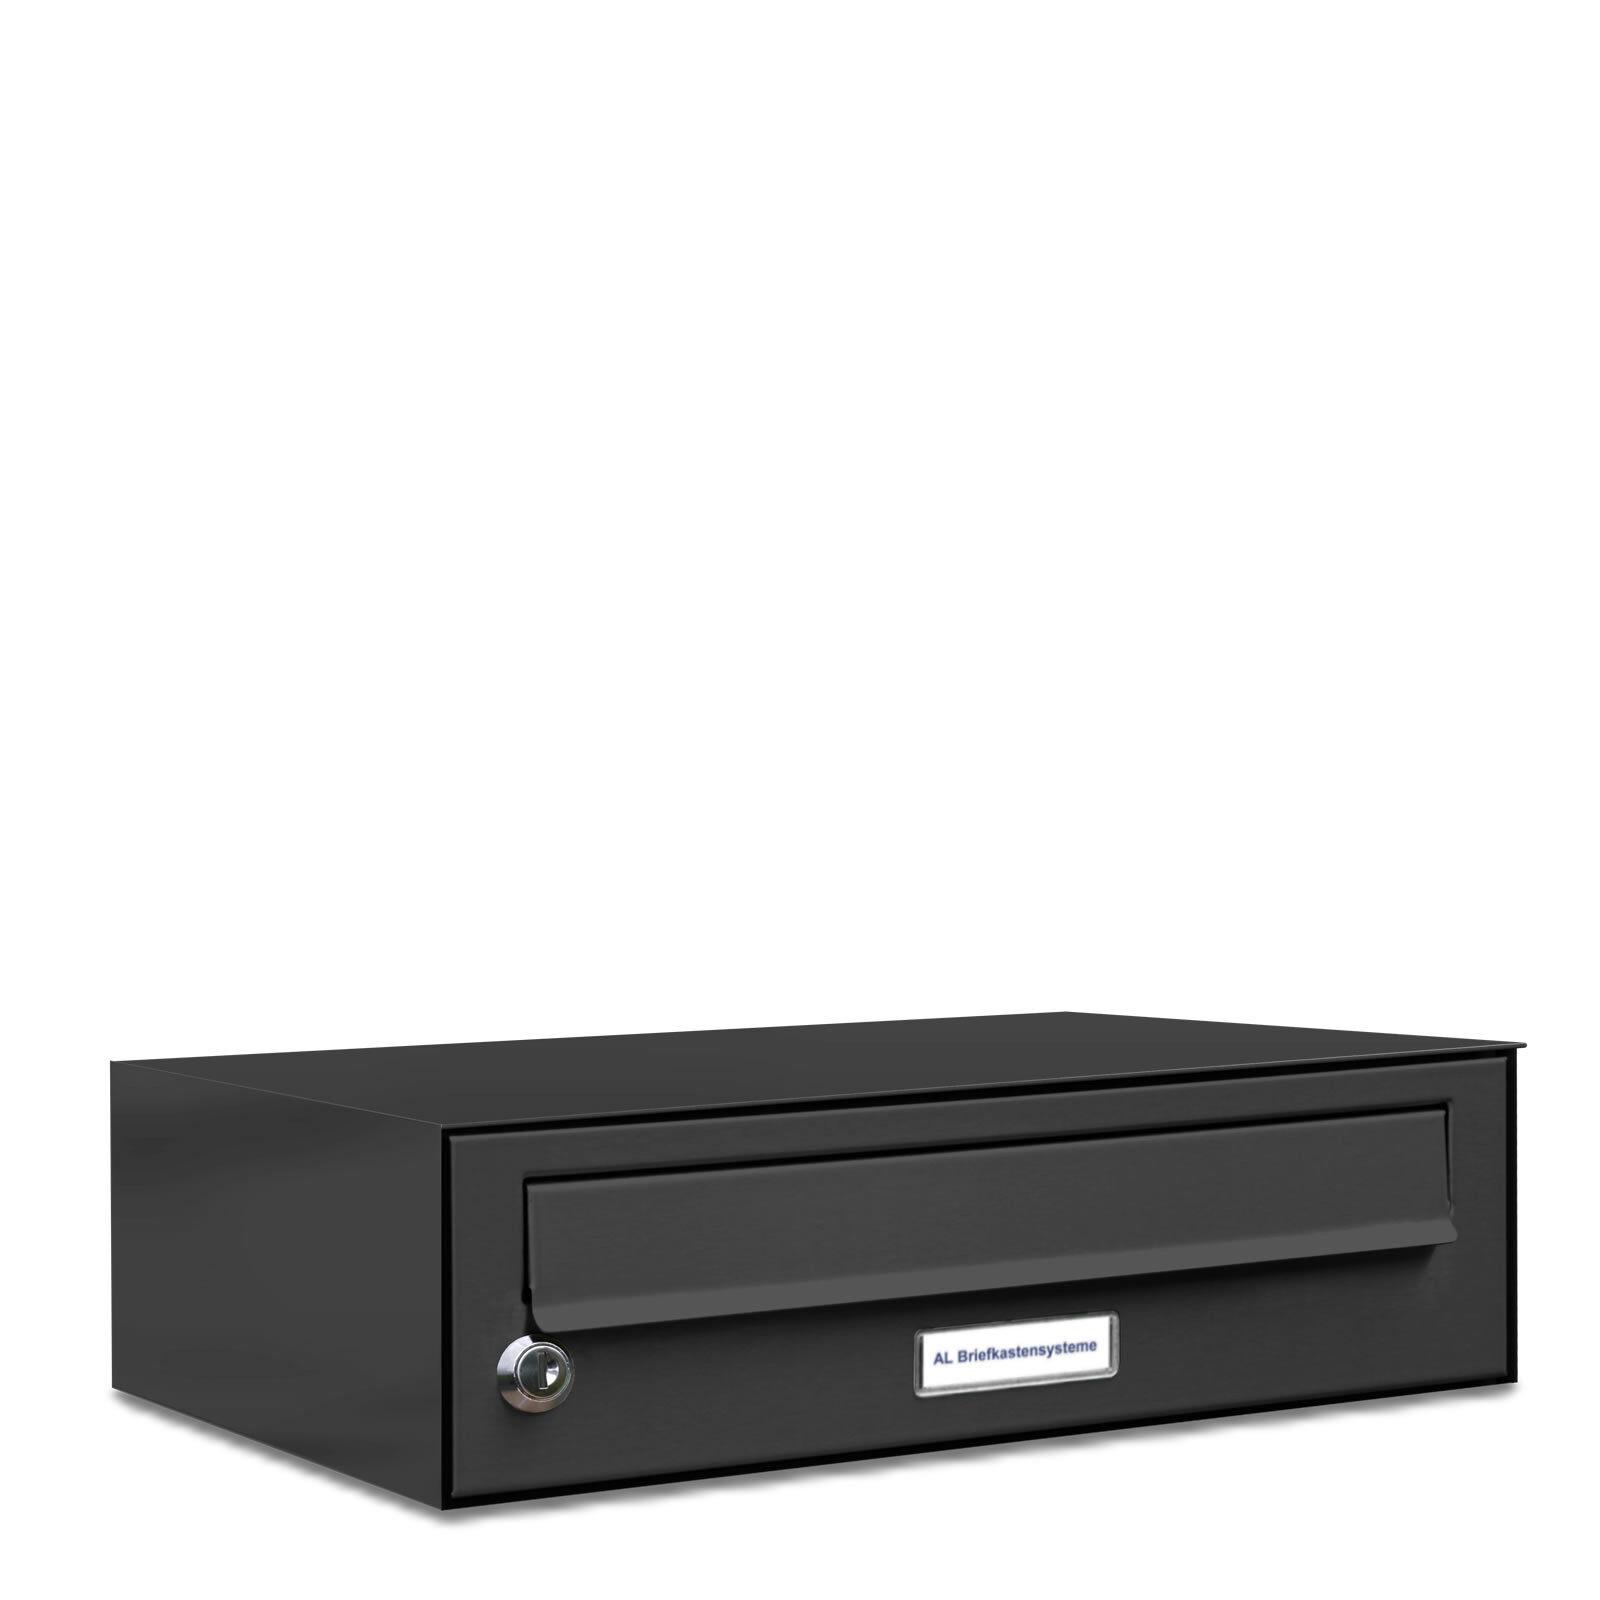 1 er Premium Wand Briefkasten Anthrazit RAL 7016 1 Fach Postkasten design A4